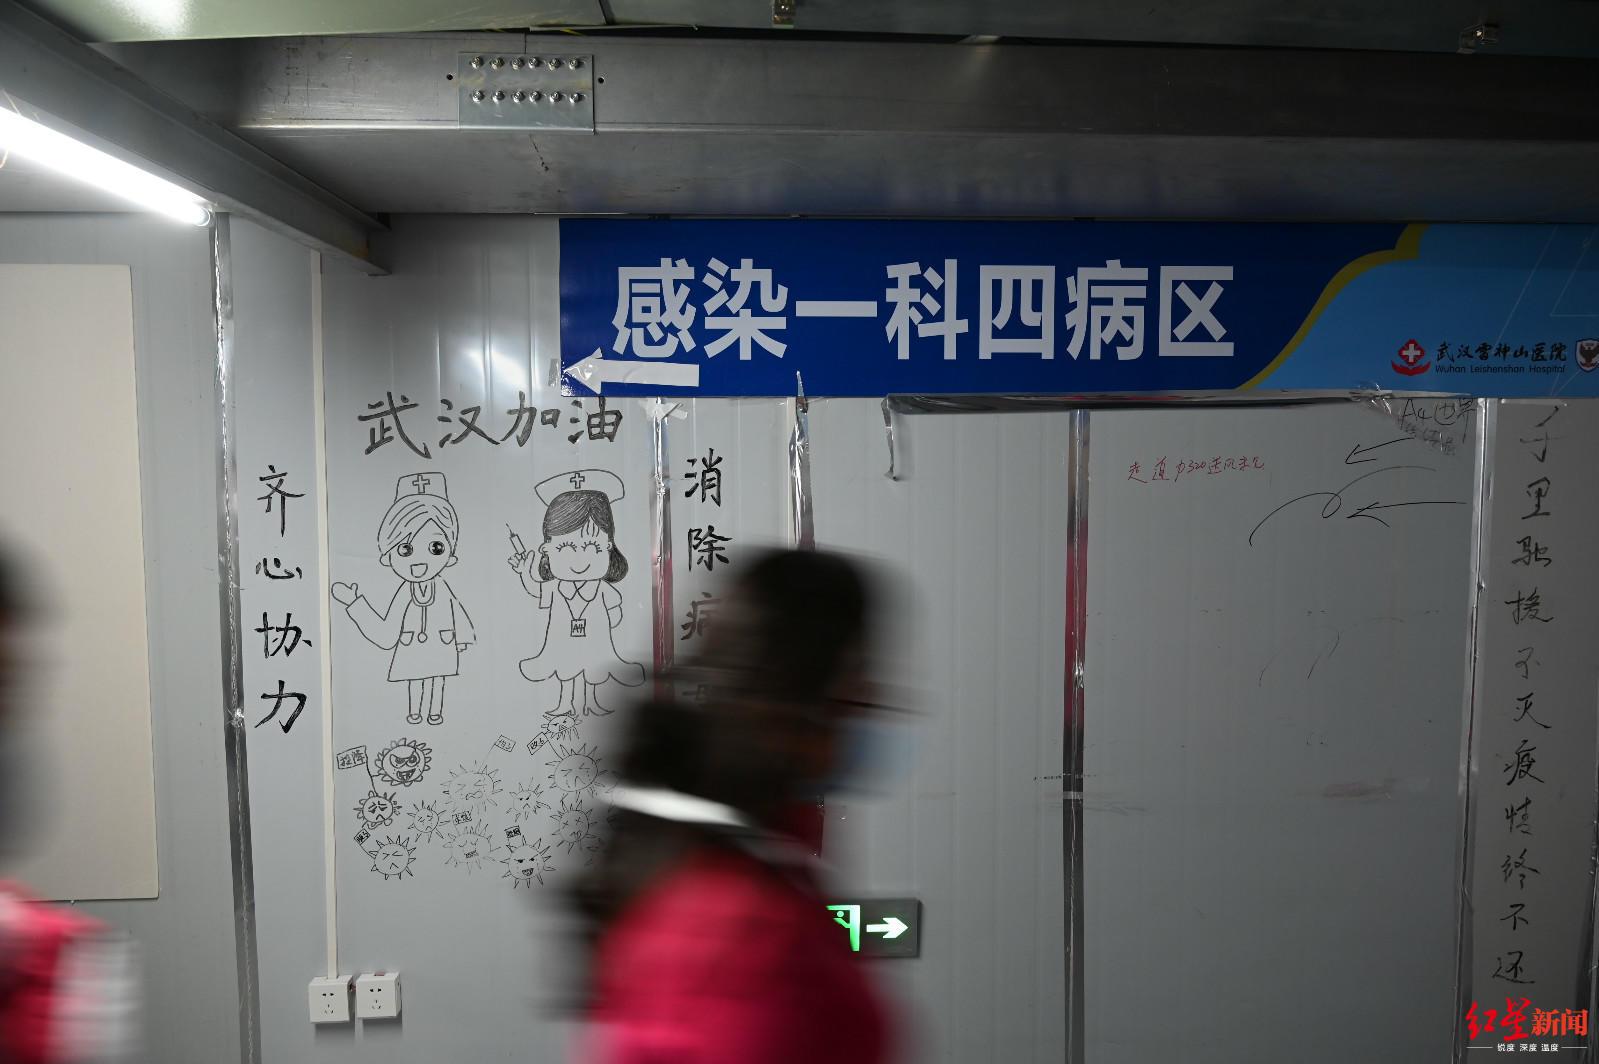 ↑医院墙上的涂鸦纪录着已往74天产生的抗疫故事